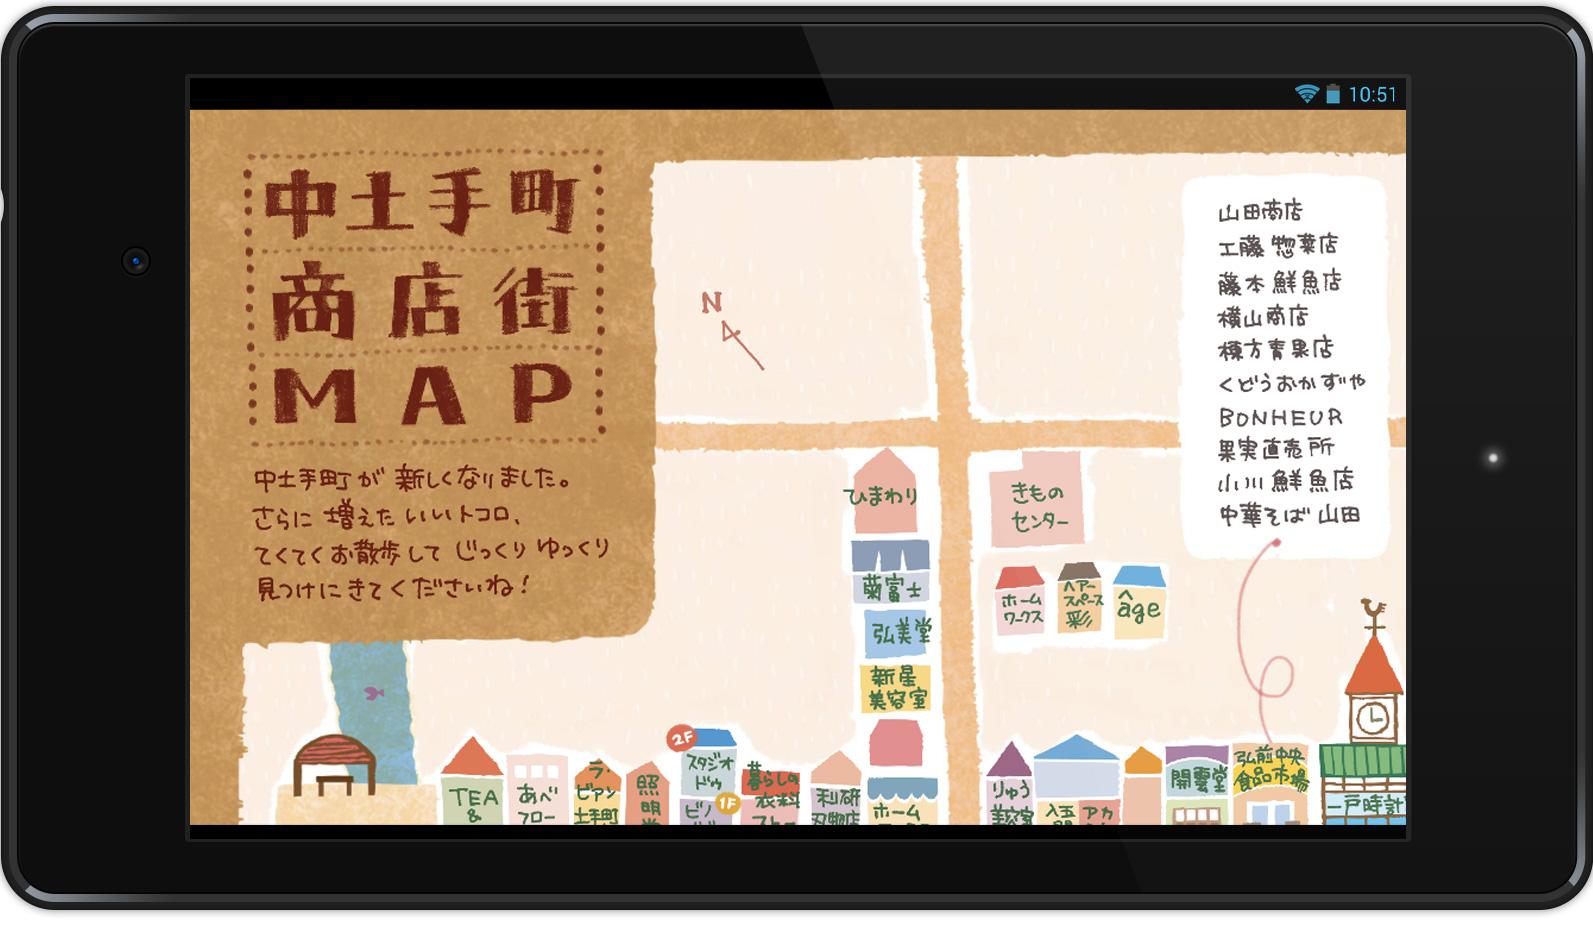 中土手町商店街MAP モバイルアプリ